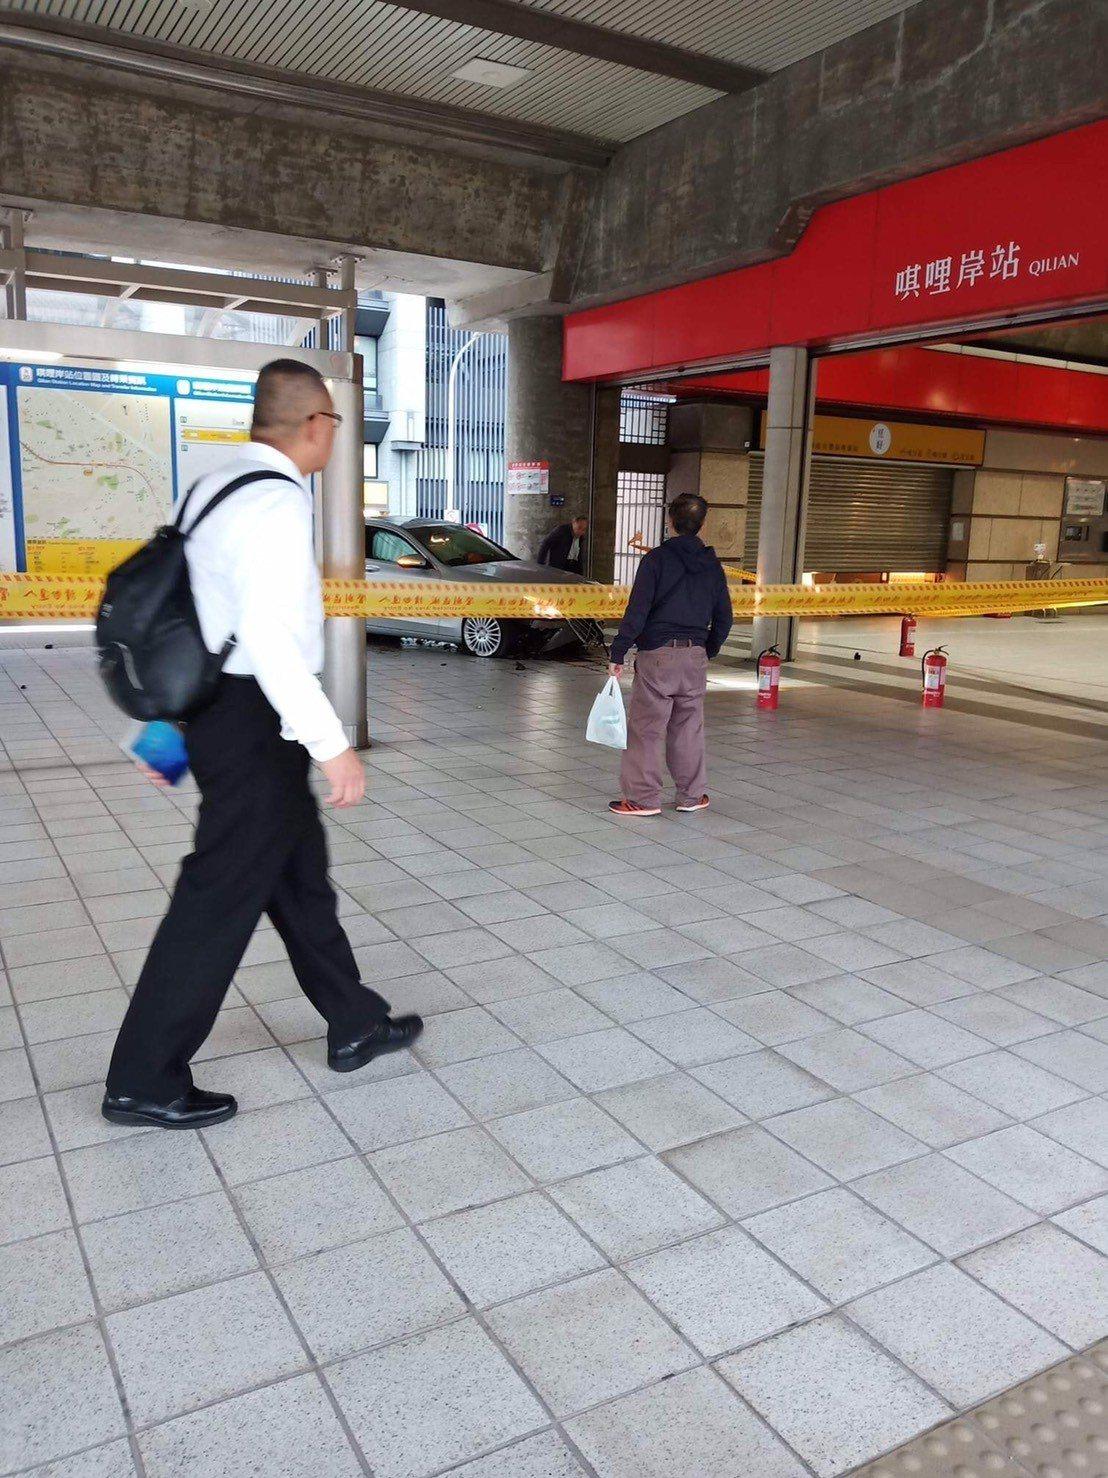 賓士車撞進捷運站,幸好無波及他人。圖/翻攝台北之北投幫粉絲團專